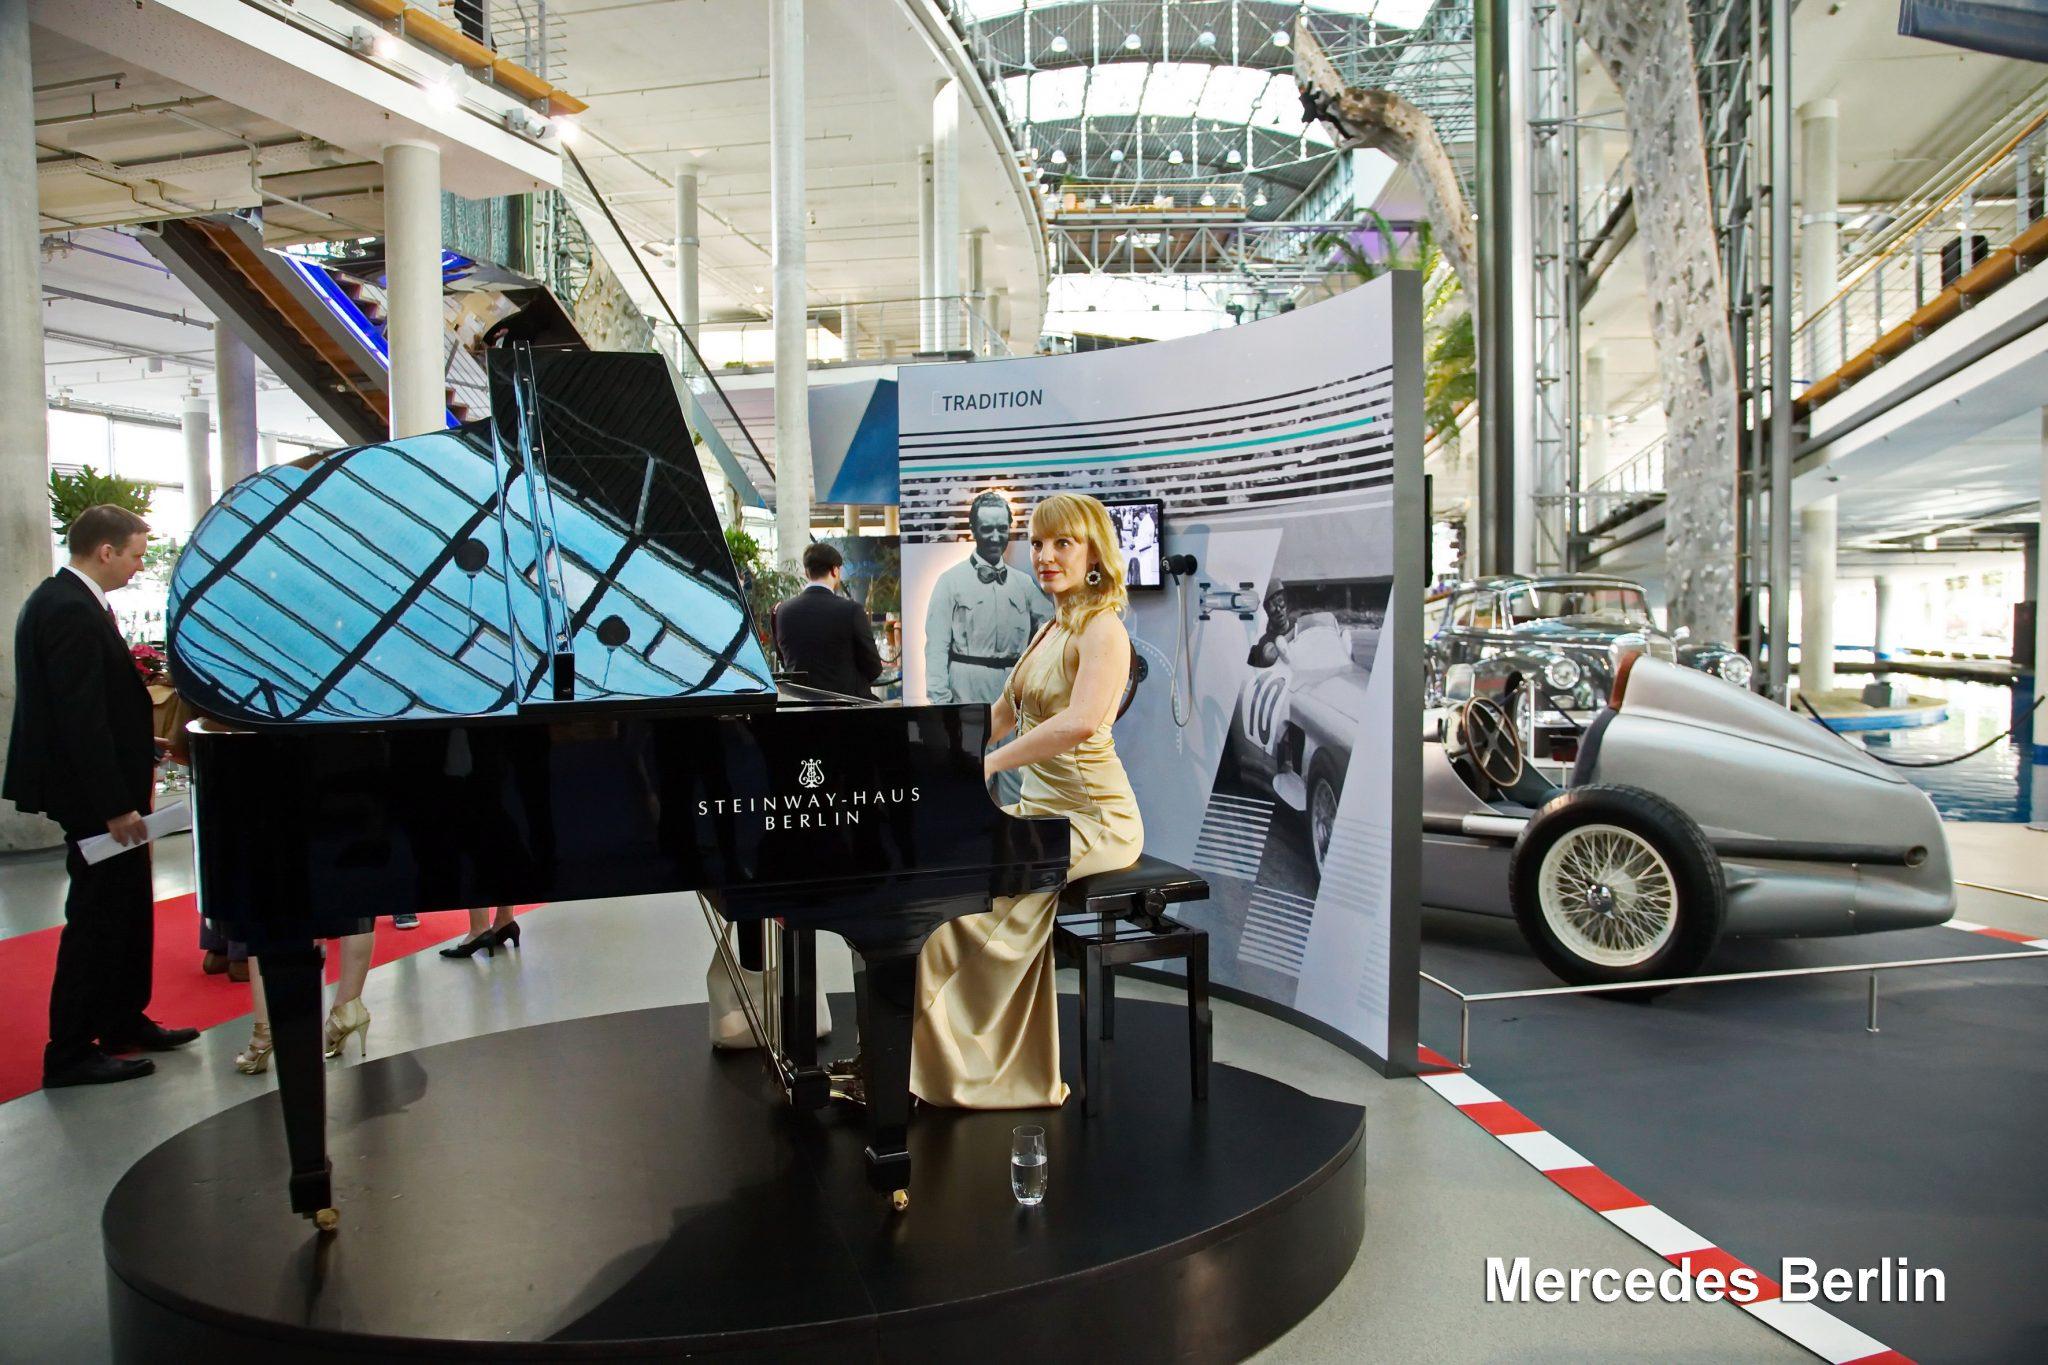 Pianistin und Sängerin Dr. Uta Sophie Halbritter tritt mit ihren Damenbands weltweit auf